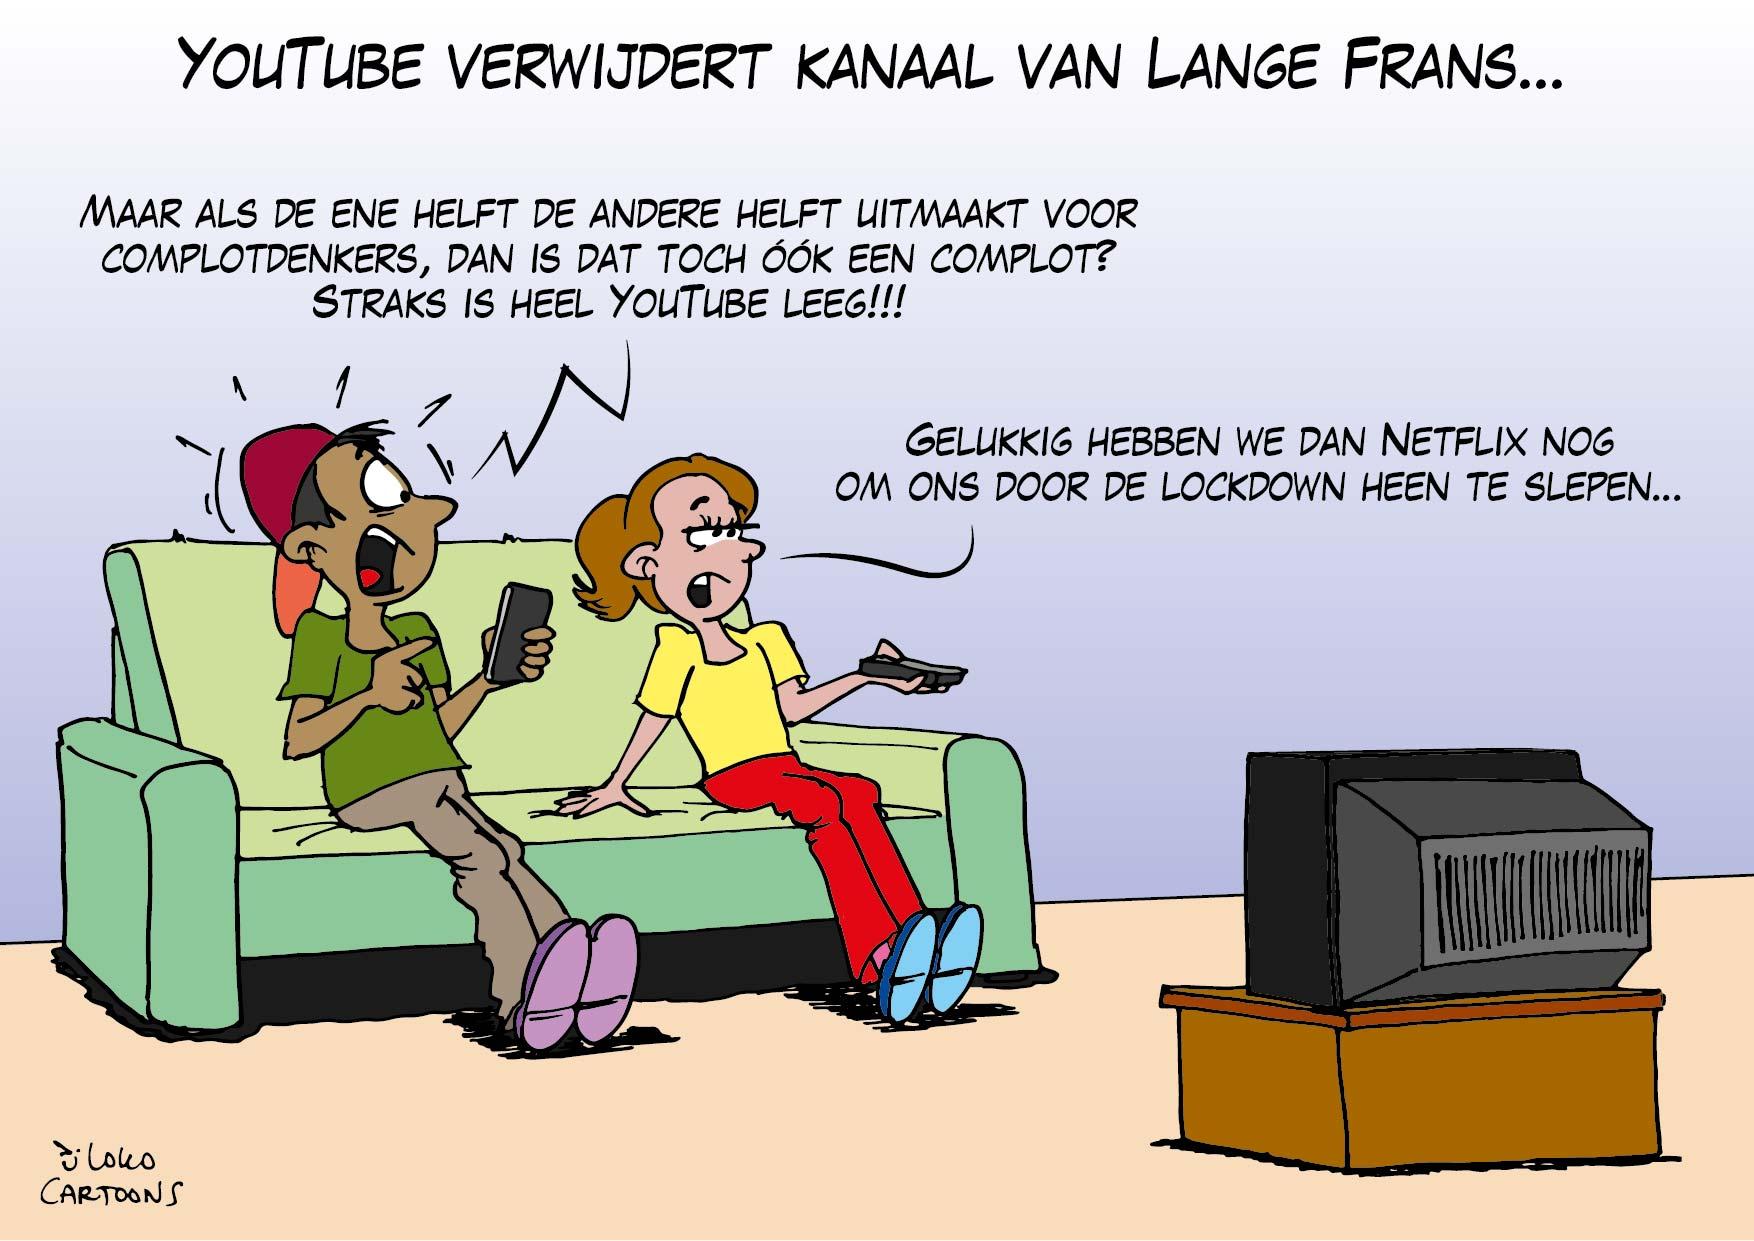 YouTube verwijdert kanaal van lange Frans